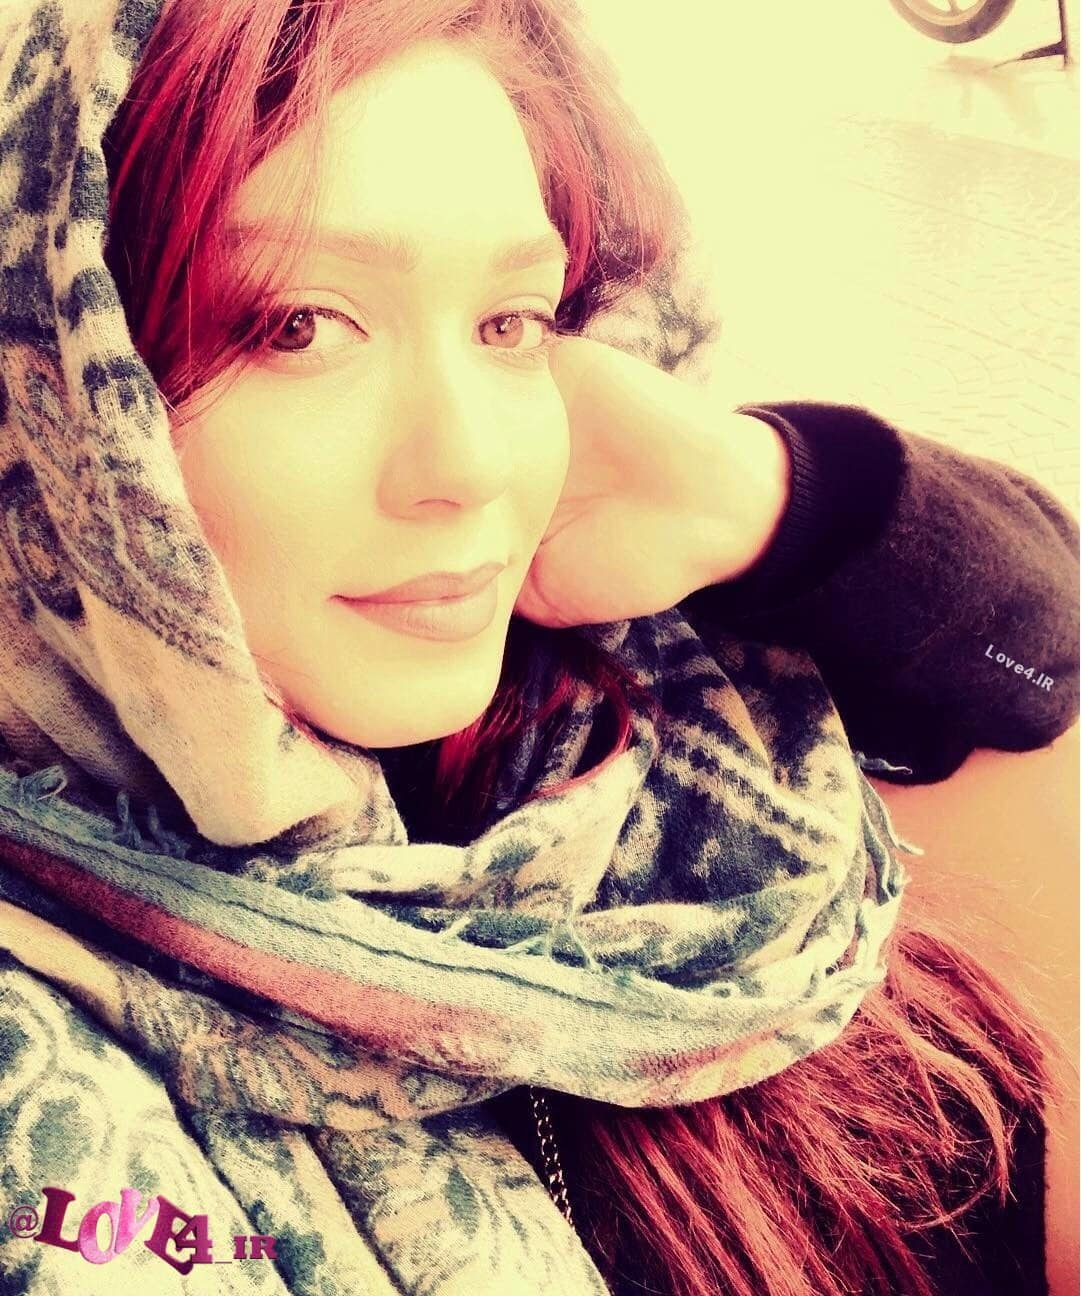 عکسها و بیوگرافی شهرزاد کمال زاده بازیگر نقش فرشته در سریال مرز خوشبختی